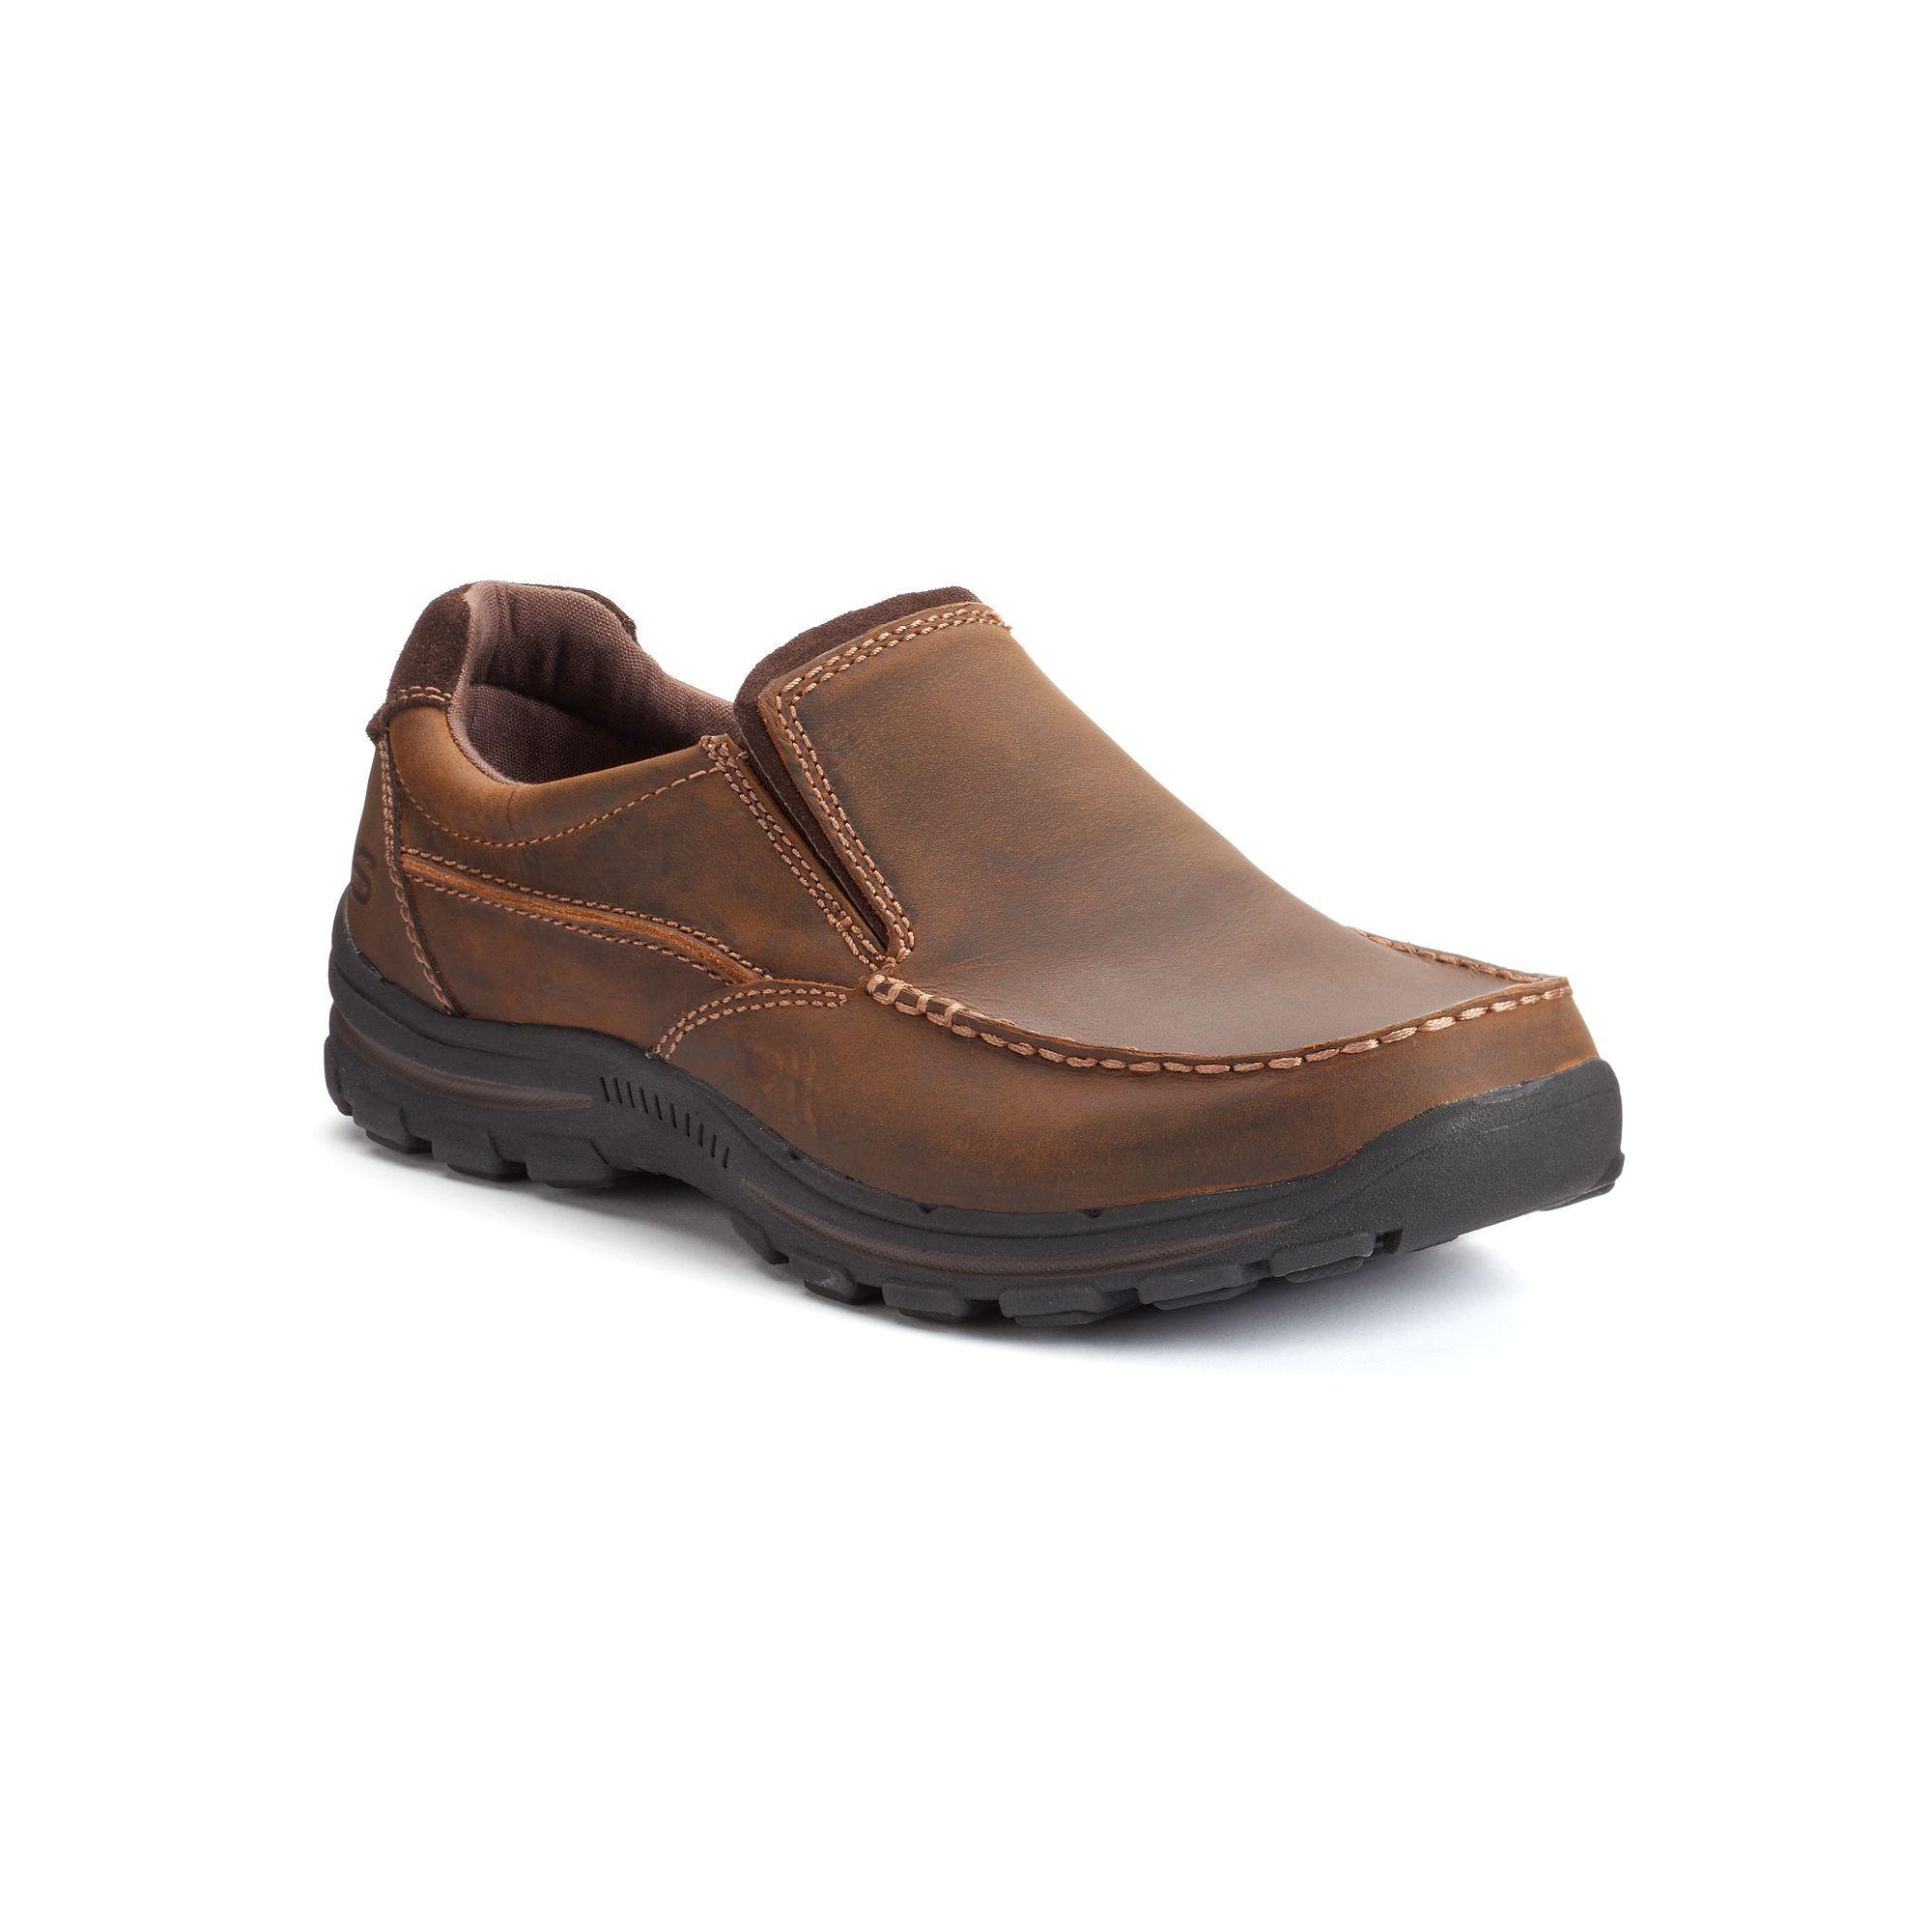 skechers relaxed fit braver men's slip-on shoes